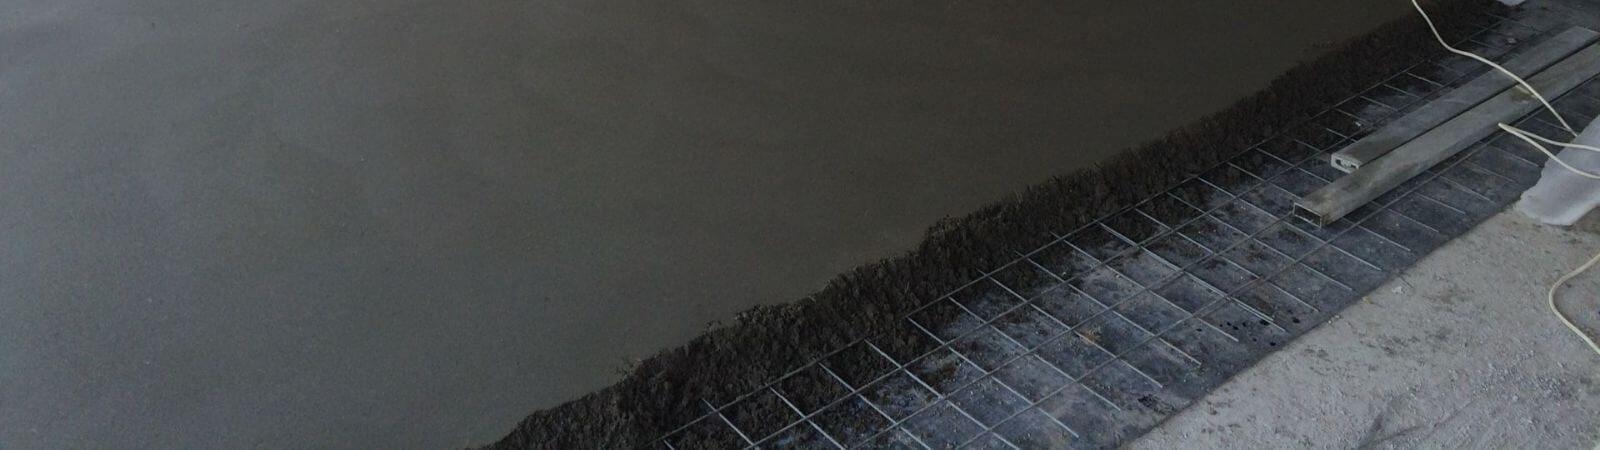 Напівсуха стяжка підлоги, особливості технології, плюси і мінуси